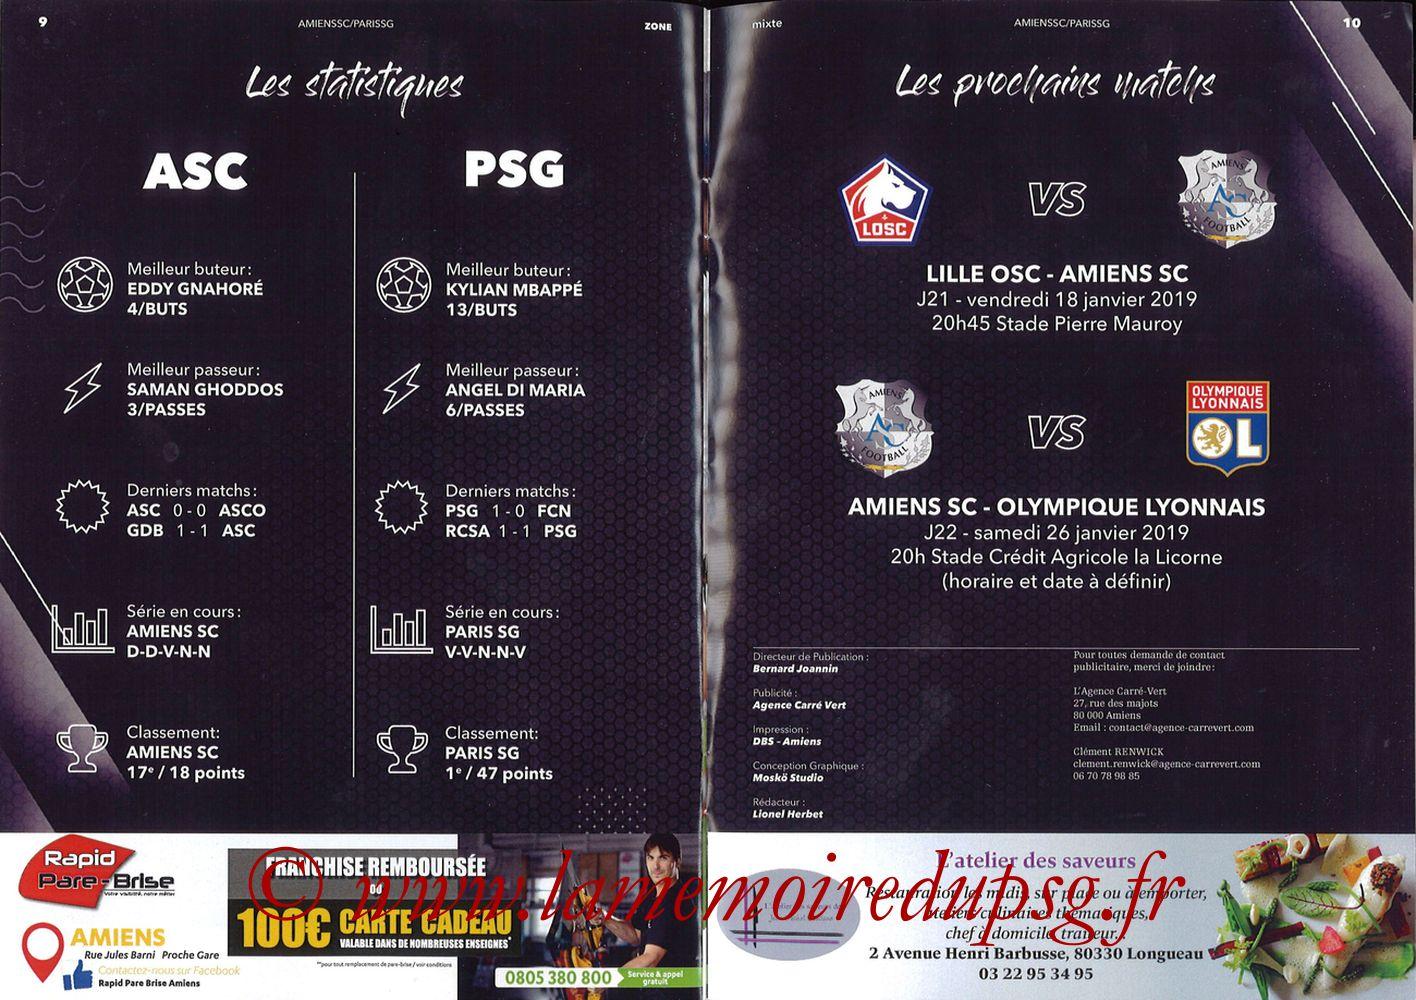 2019-01-12  Amiens-PSG (20ème L1, Zone mixte N°9) - Pages 09 et 10